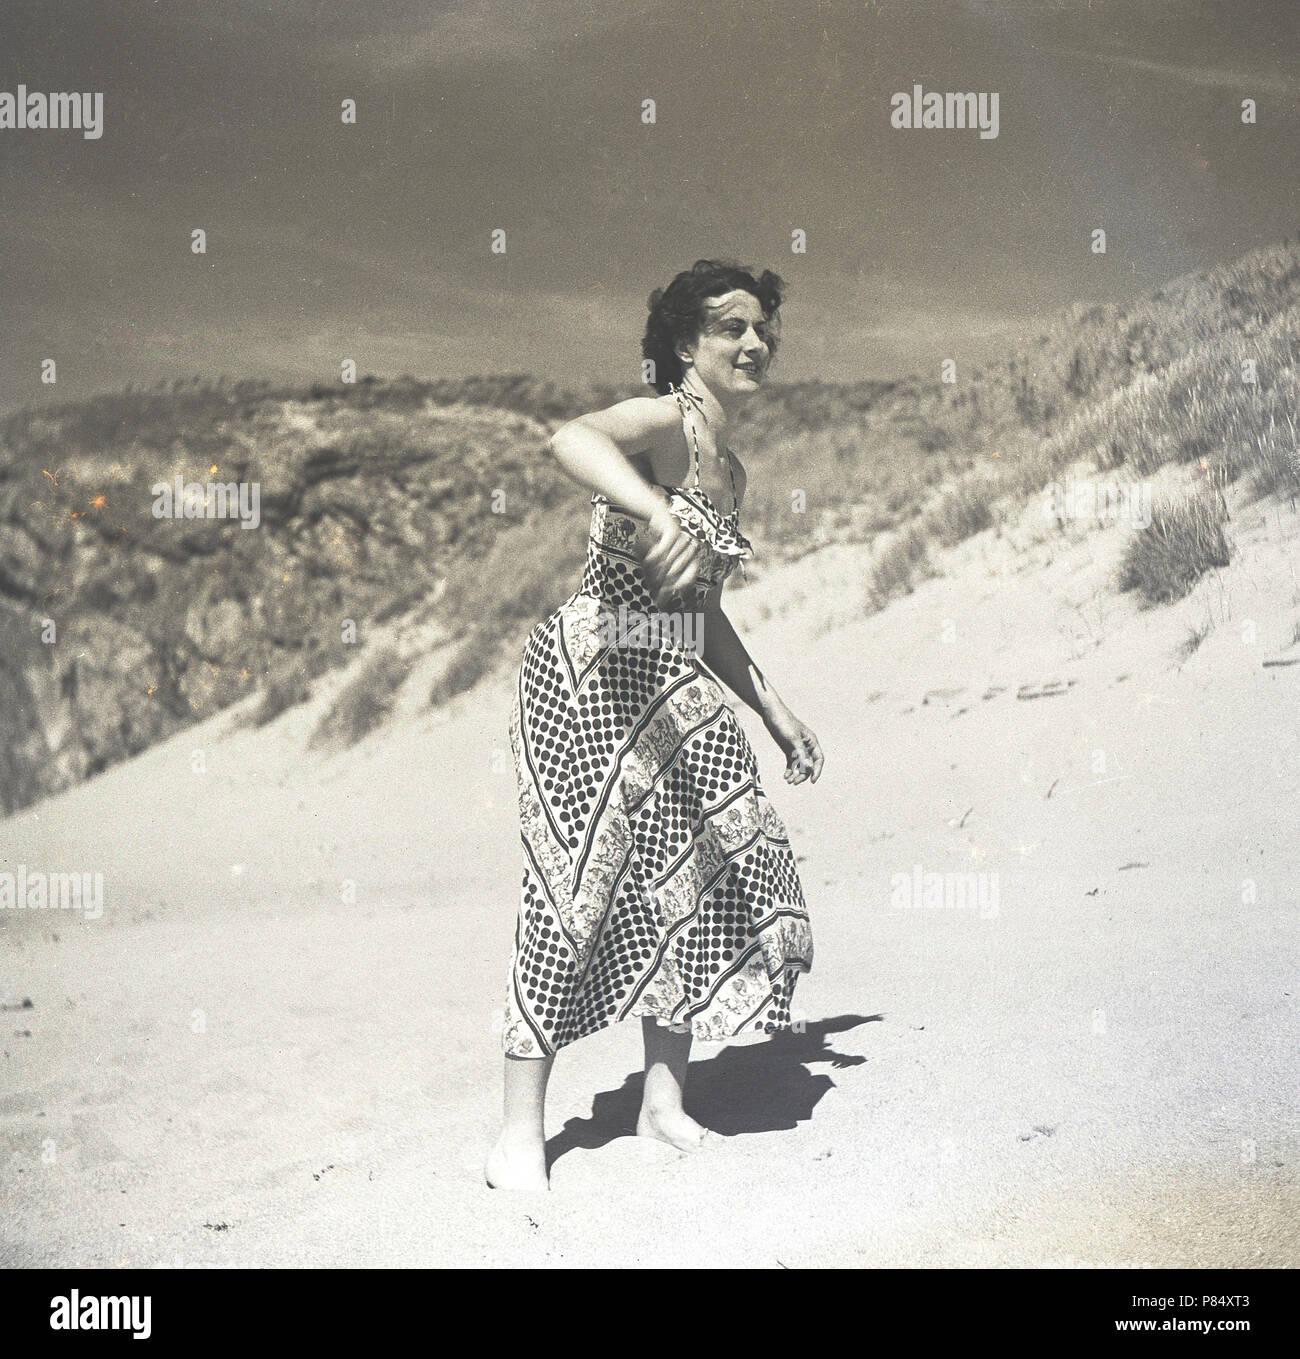 Degli anni Cinquanta, estate e una giovane donna in un lungo abito modellato la riproduzione di frisbee su di una spiaggia di sabbia, Inghilterra, Regno Unito. Foto Stock